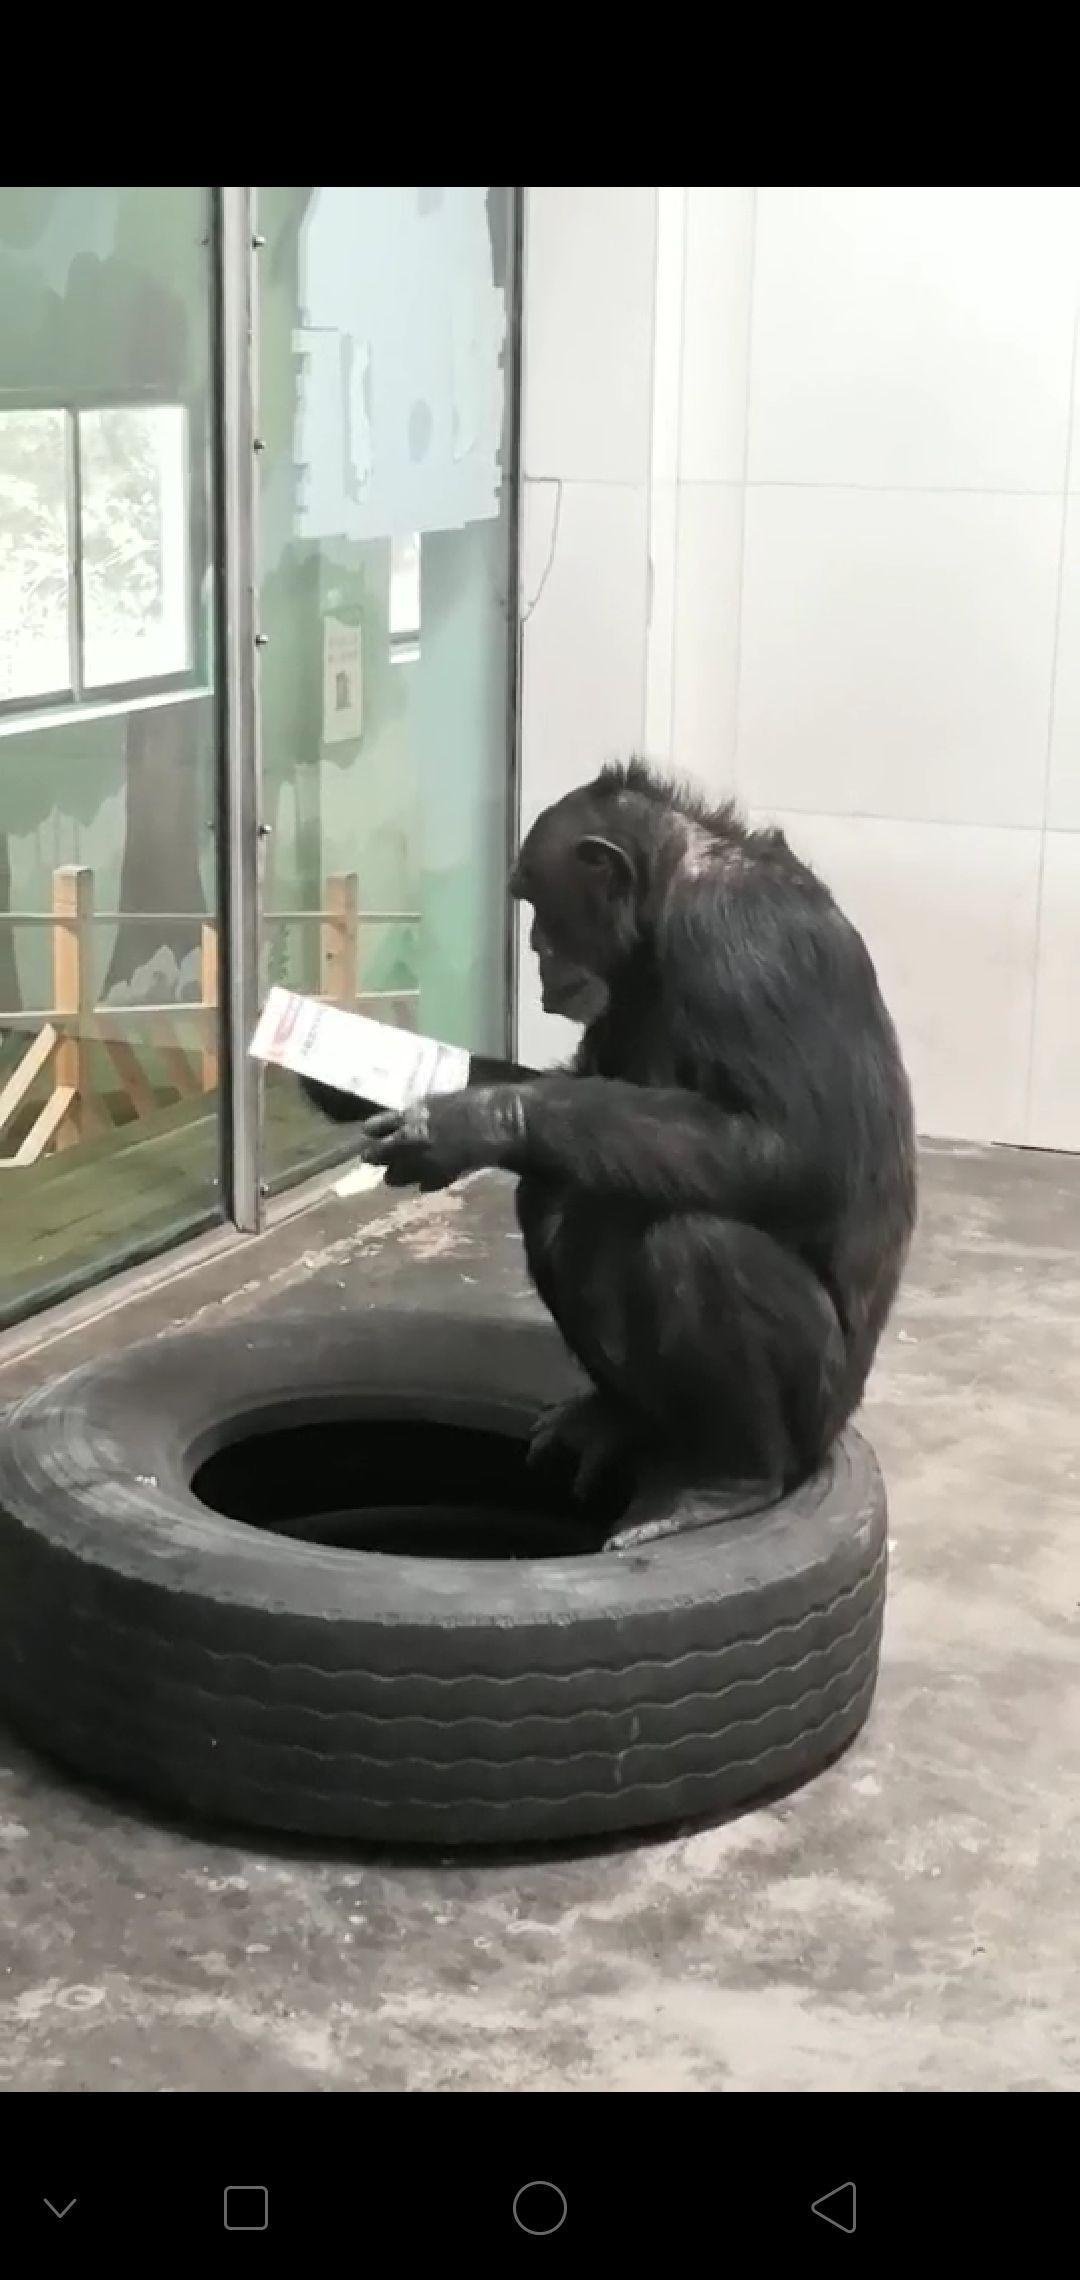 """黑猩猩看报被称""""动物界学霸"""" 饲养员:或对图案好奇"""